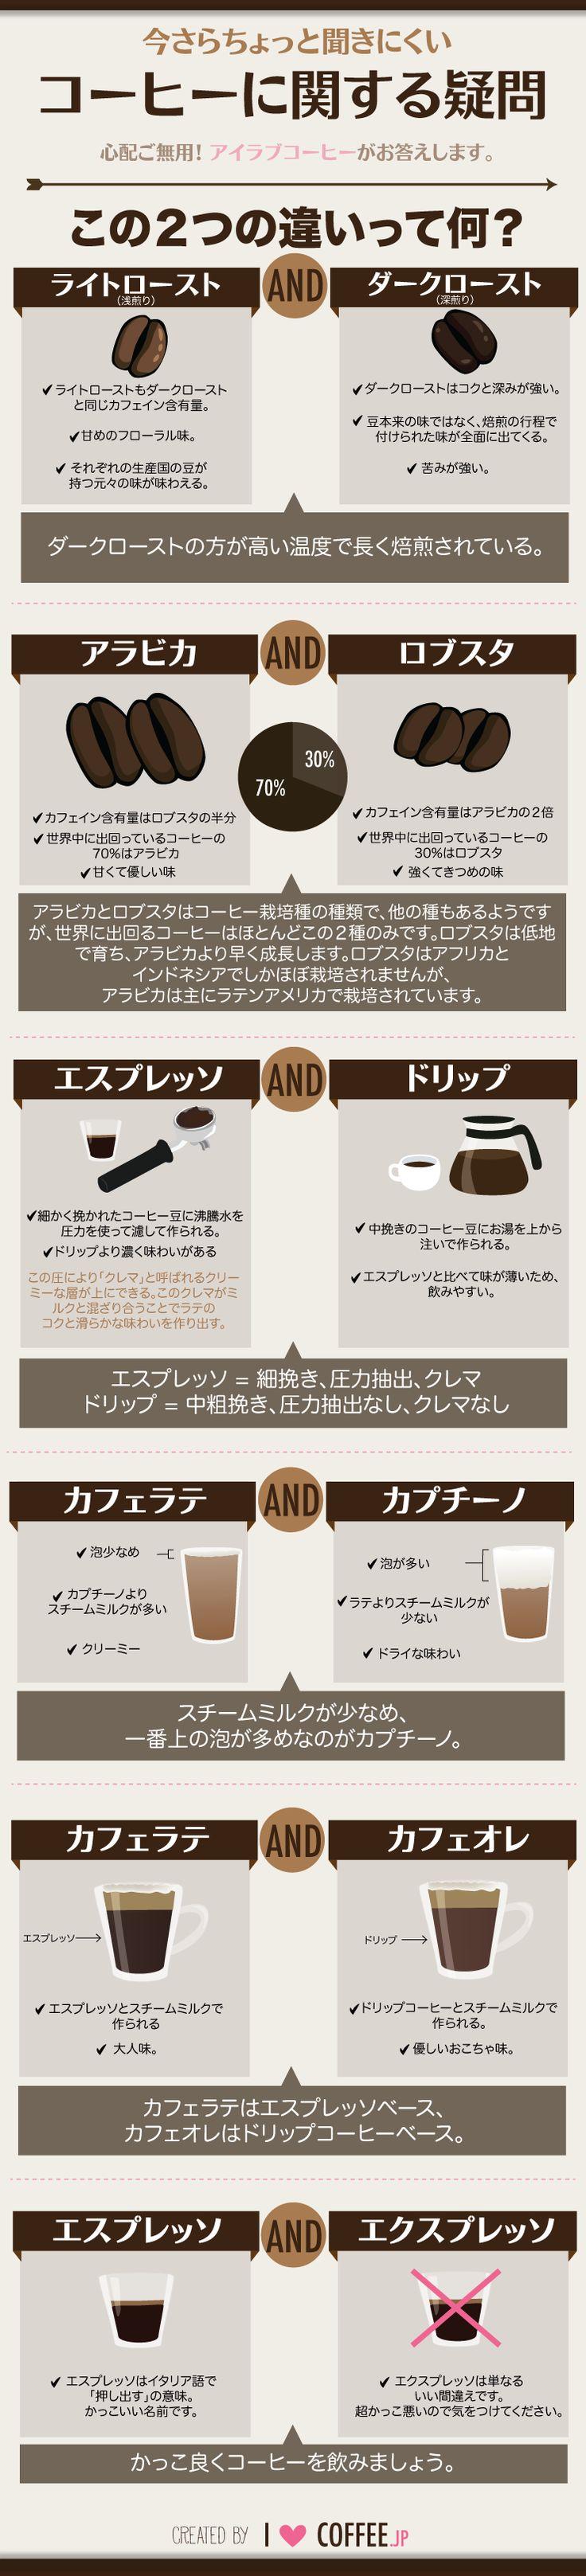 今さら聞きにくいコーヒーに関する疑問 - I Love Coffee